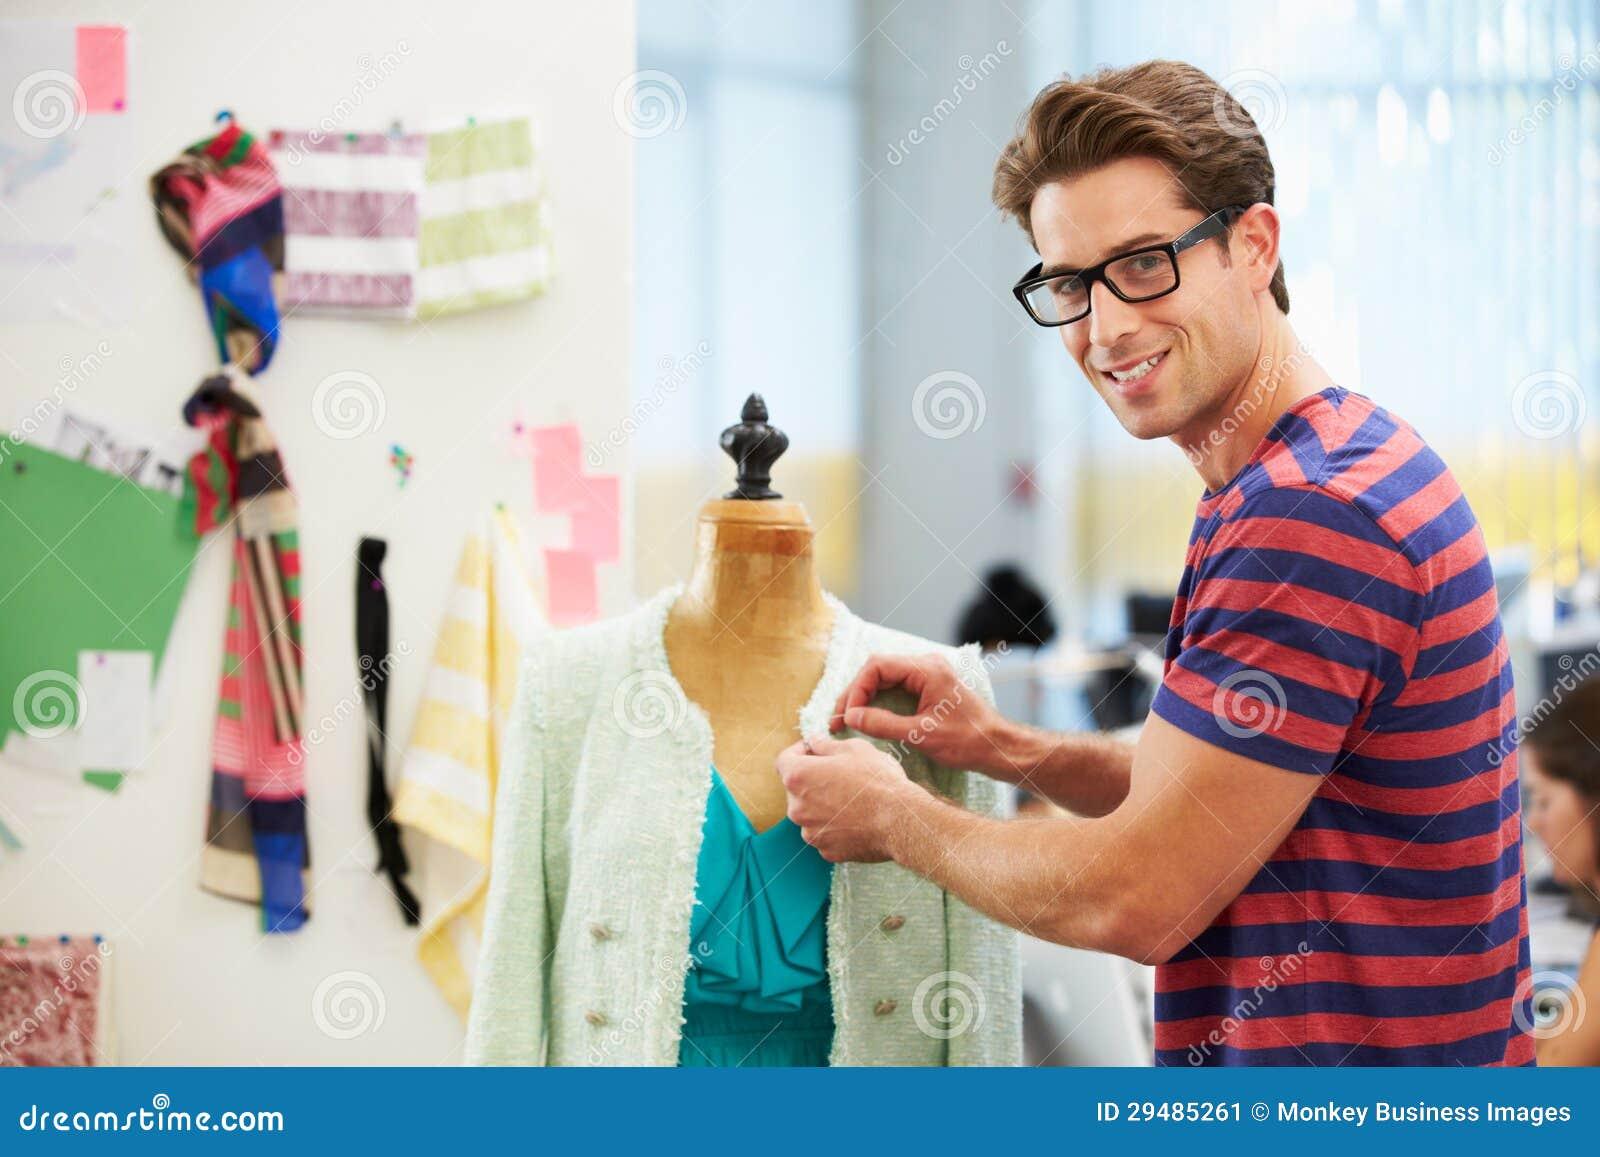 Male Fashion Designer In Studio Stock Image - Image: 29485261